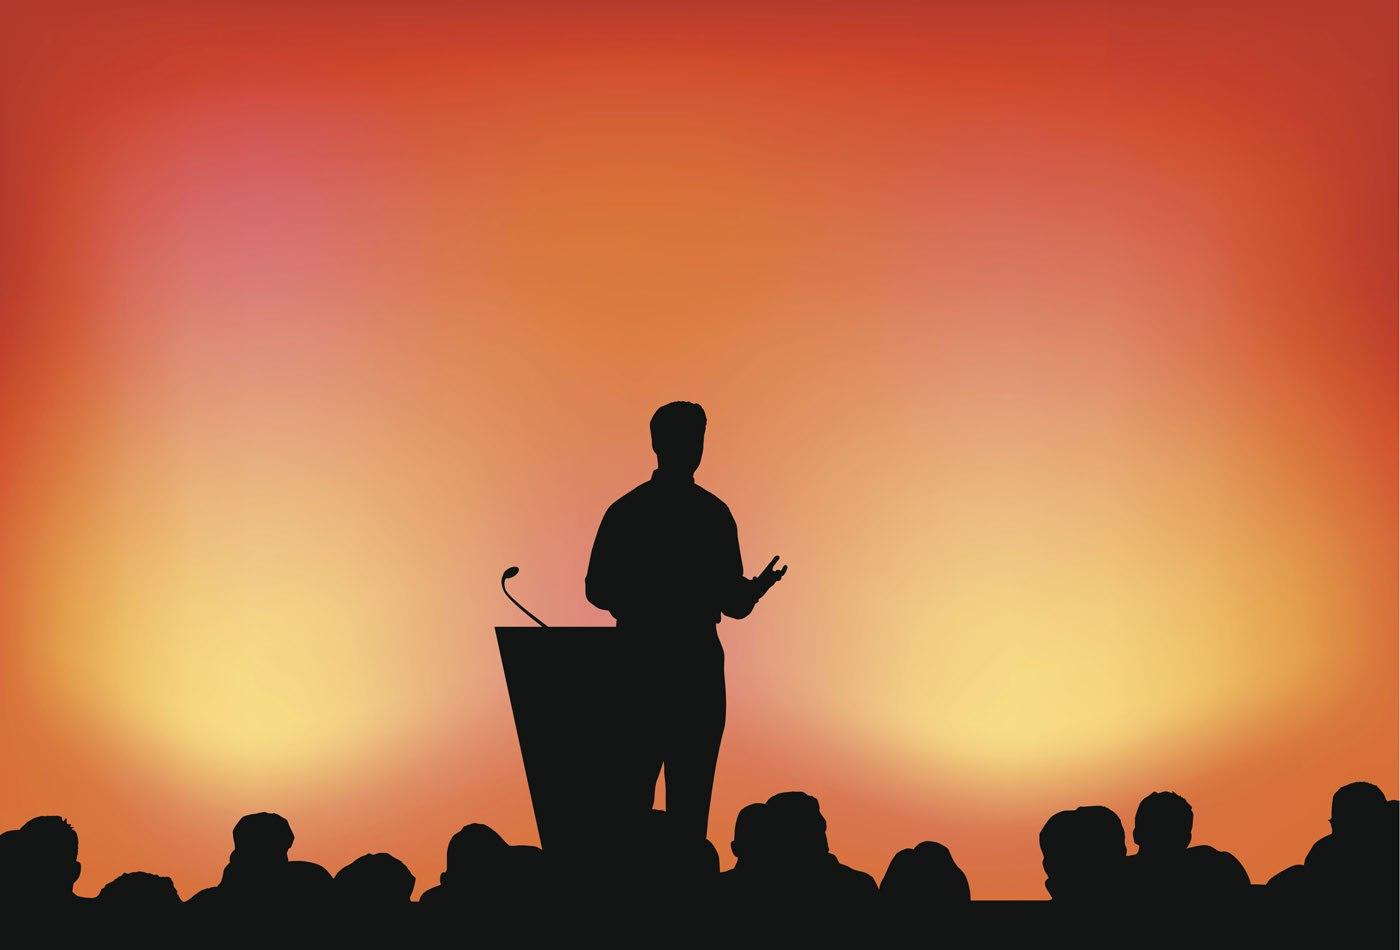 speaker_at_event.jpg